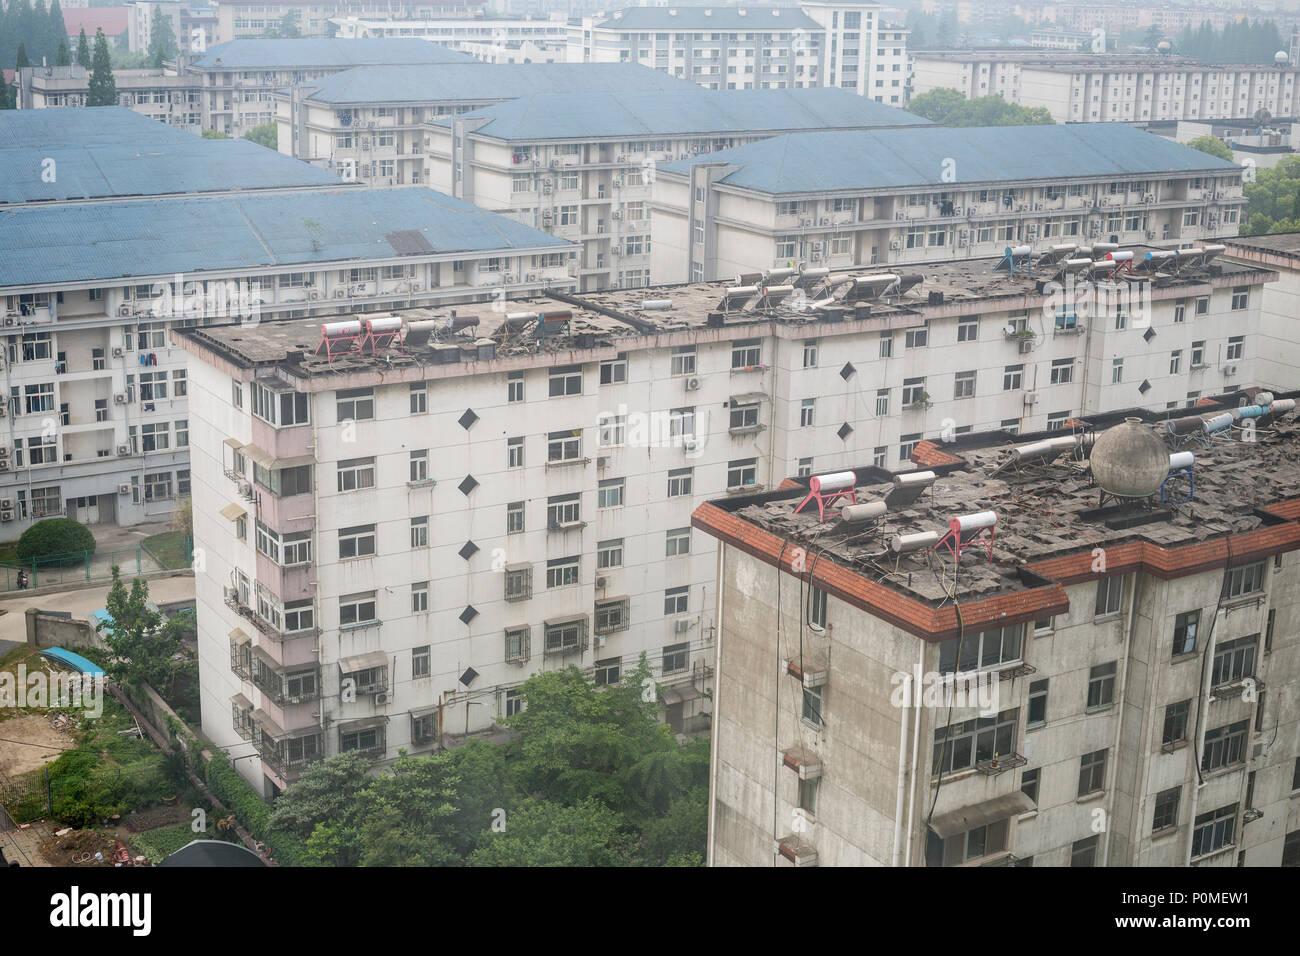 Yangzhou, Jiangsu, Chine. Chauffe-eau solaire sur les toits des immeubles à appartements. La pollution de l'air. Photo Stock